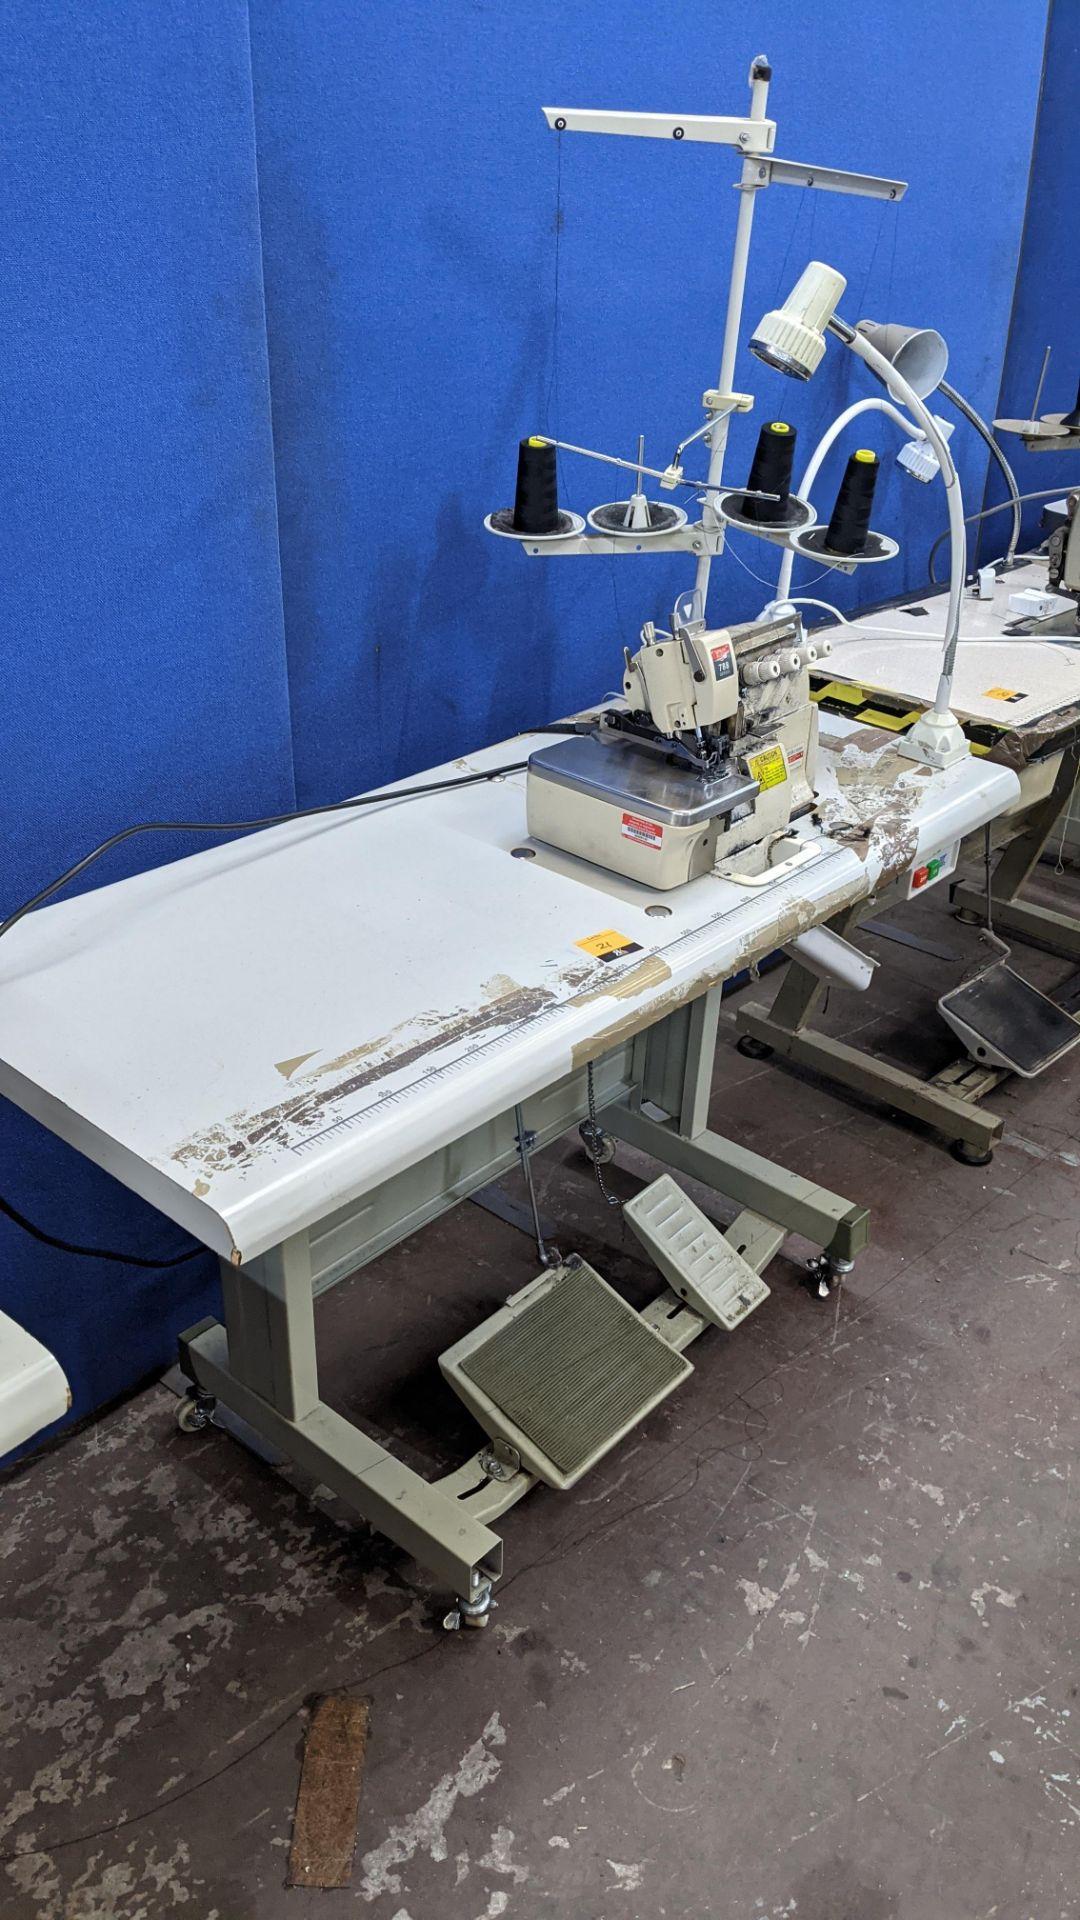 Yingon 788 series overlocker model YG788-4-13 - Image 9 of 16